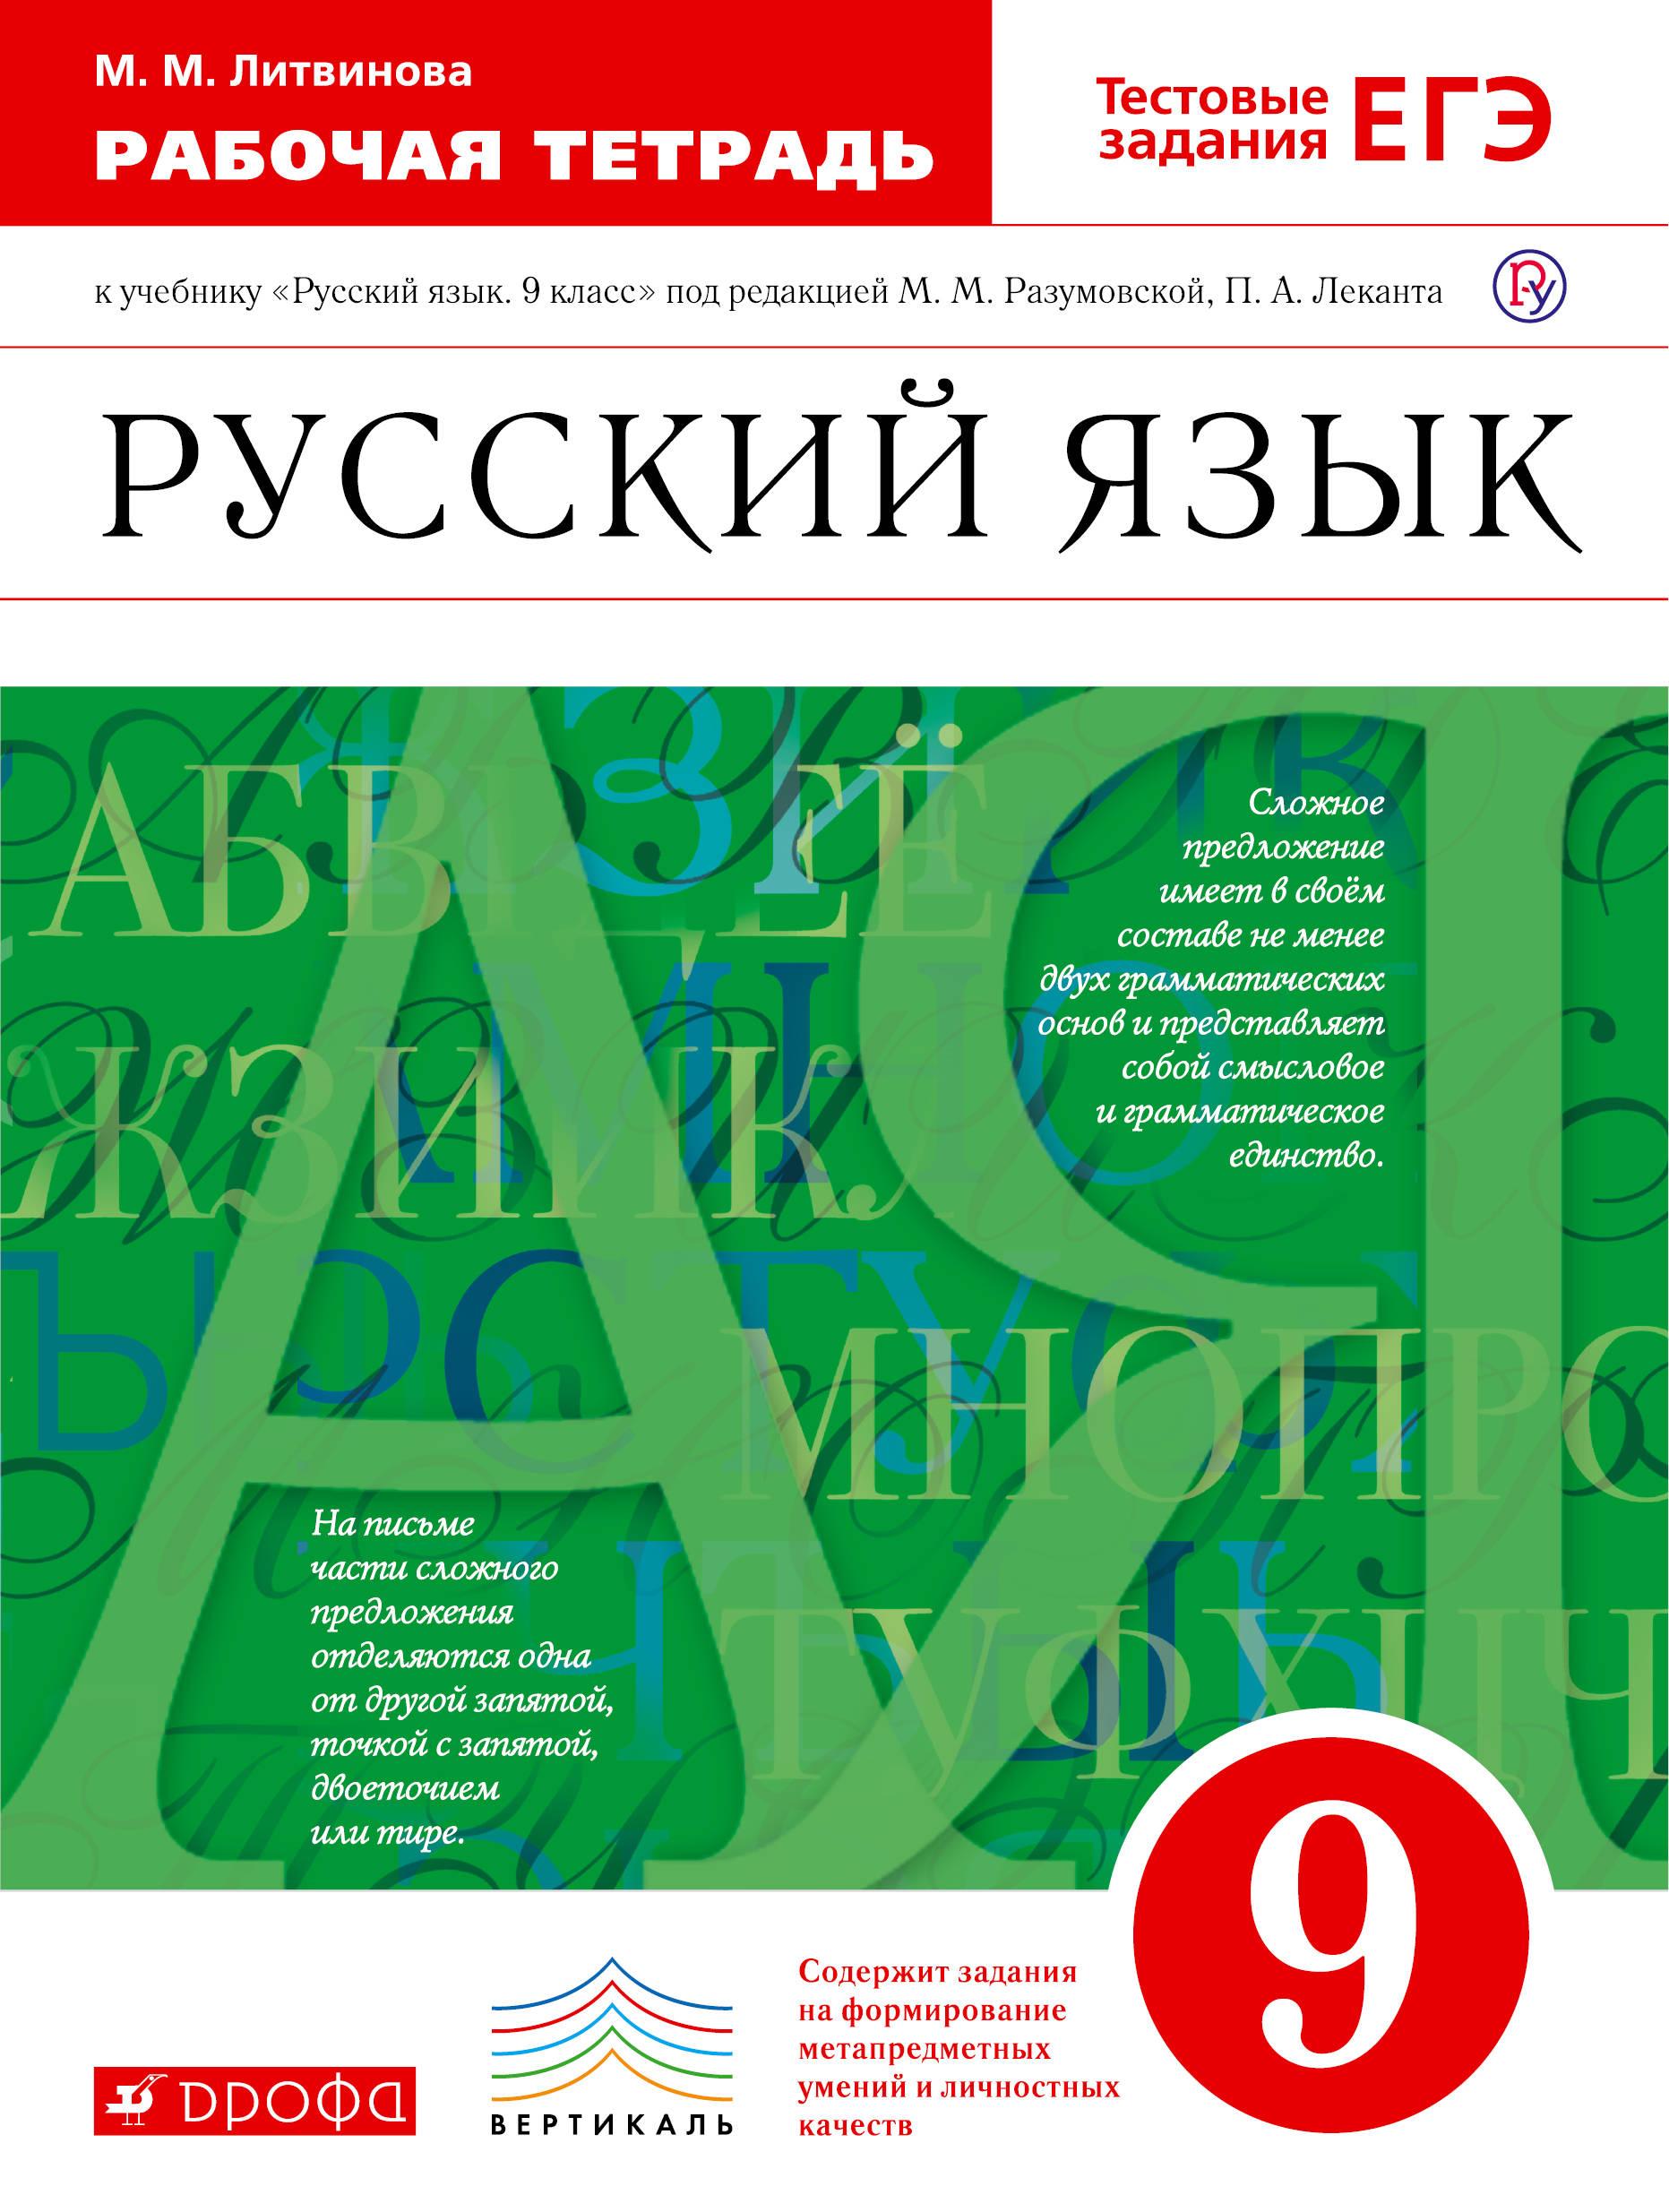 М. М. Литвинова Русский язык. 9 класс. Рабочая тетрадь